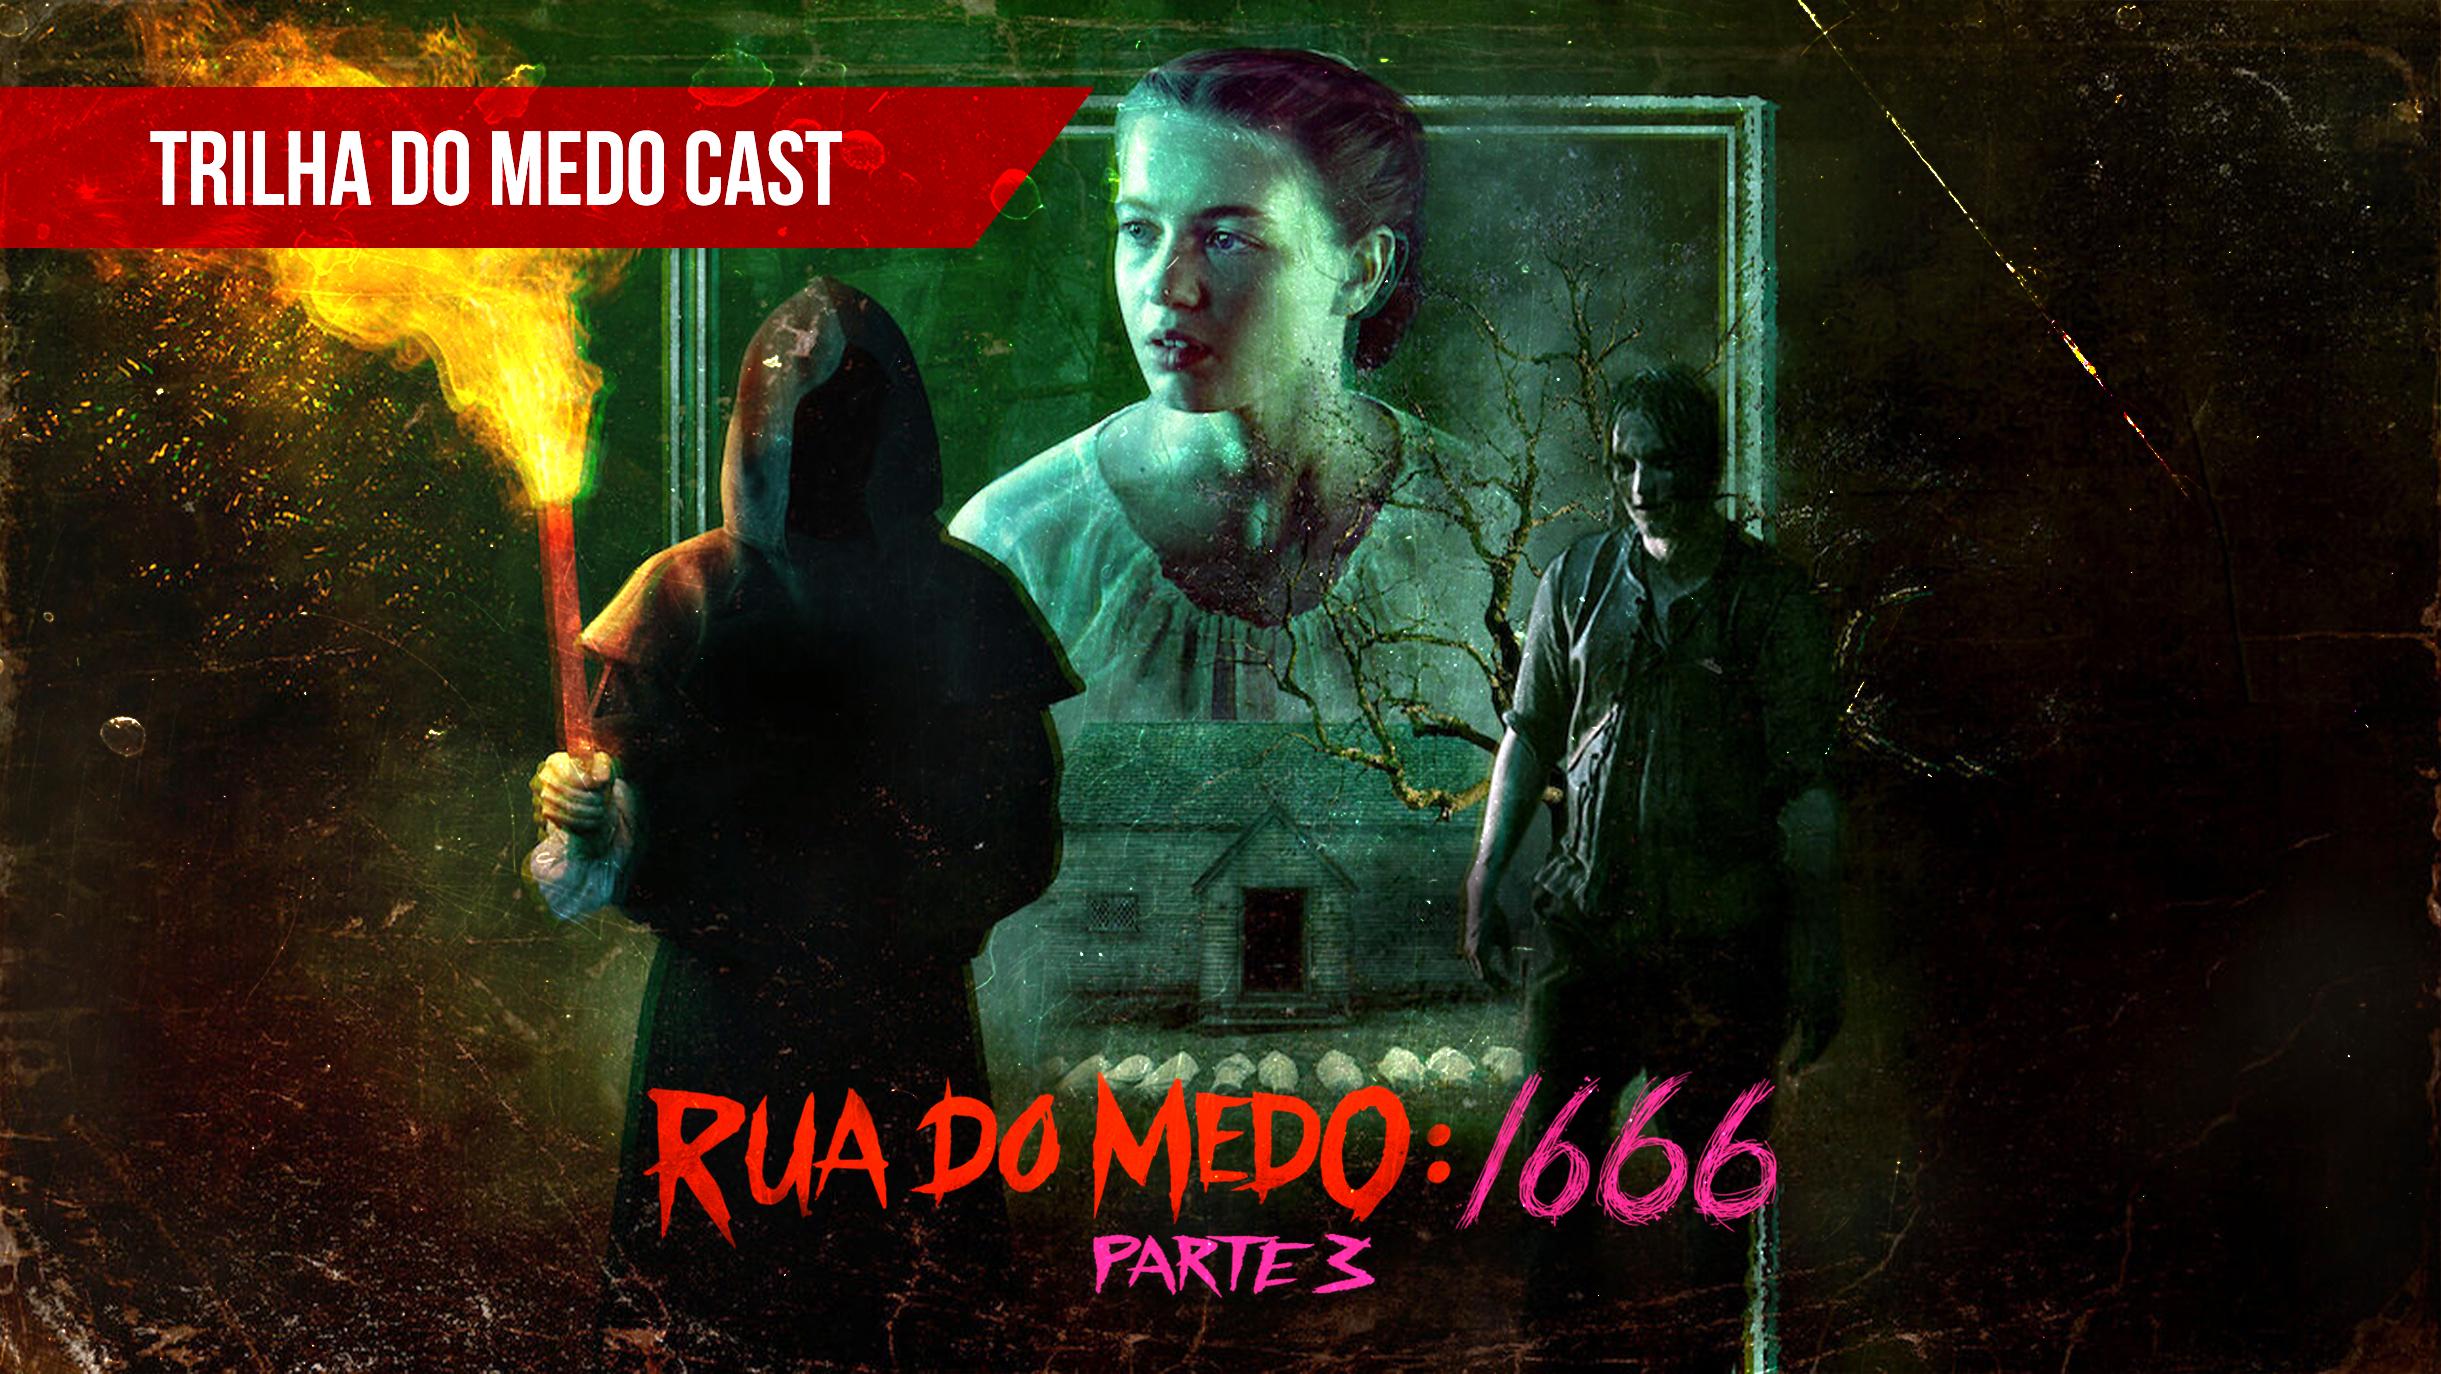 [Trilha do Medo Podcast] – Rua do Medo: 1666 Parte 3 – Trilogia de Terror da Netflix